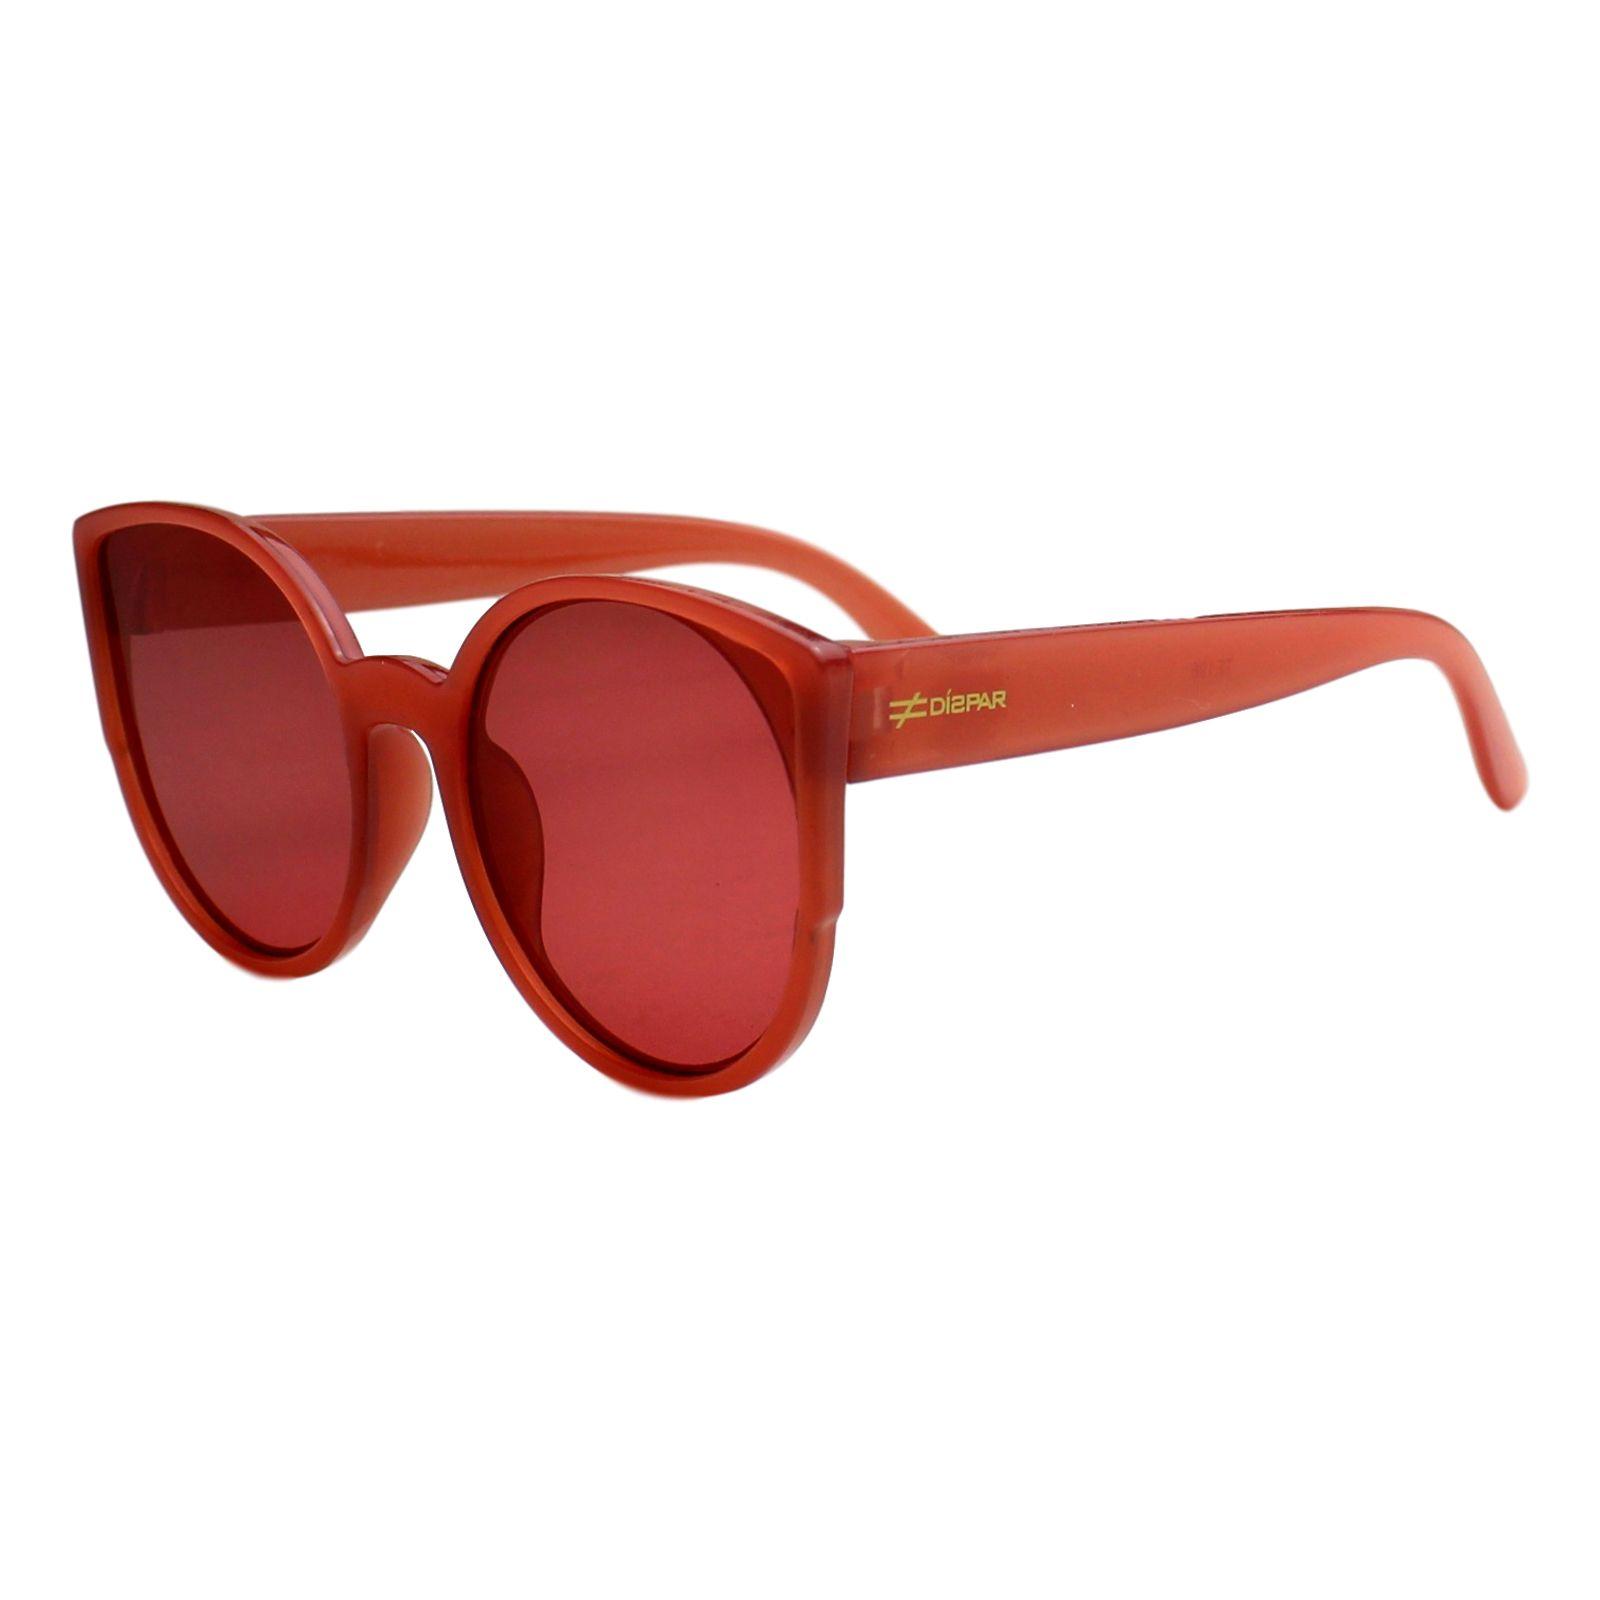 Óculos de Sol Díspar ID1895 infantil idade 9 a 12 anos Vinho